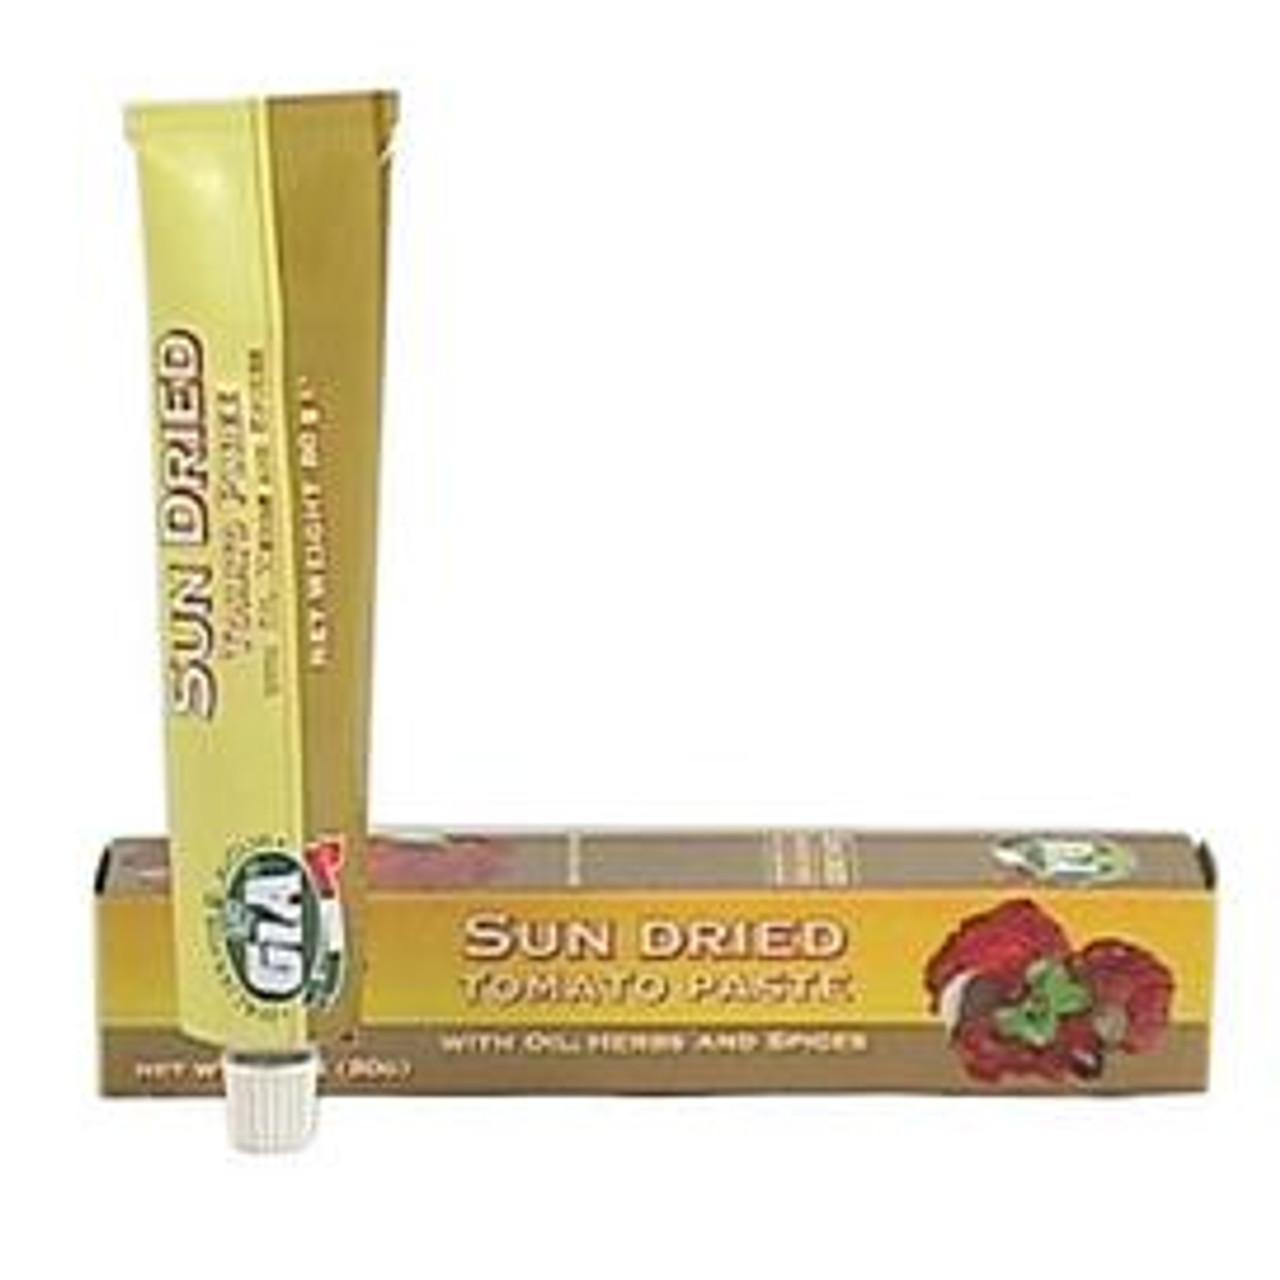 Sun Dried Tomato Paste